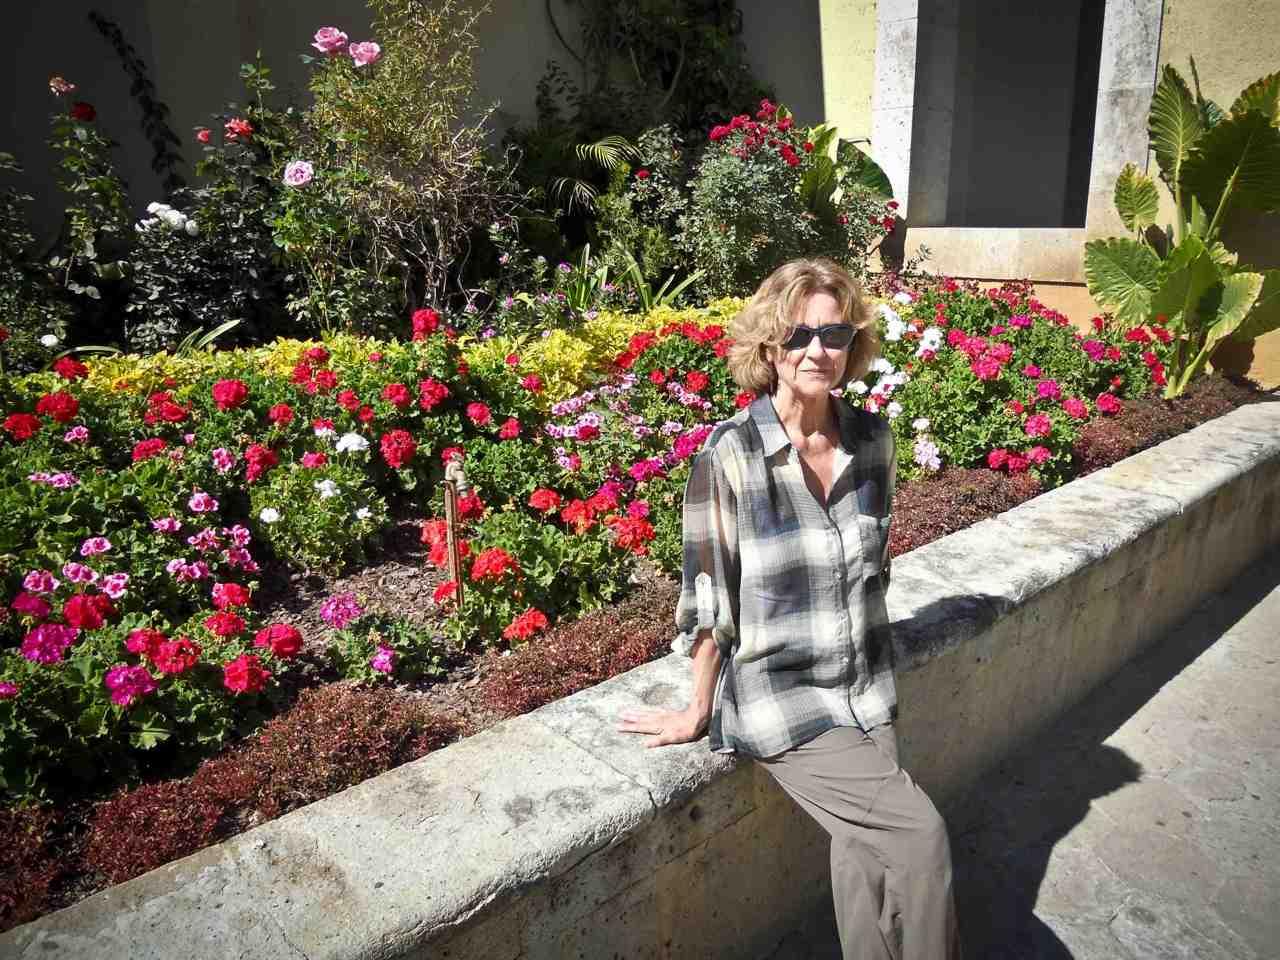 Poet Anne Valley-Fox in Oaxaca